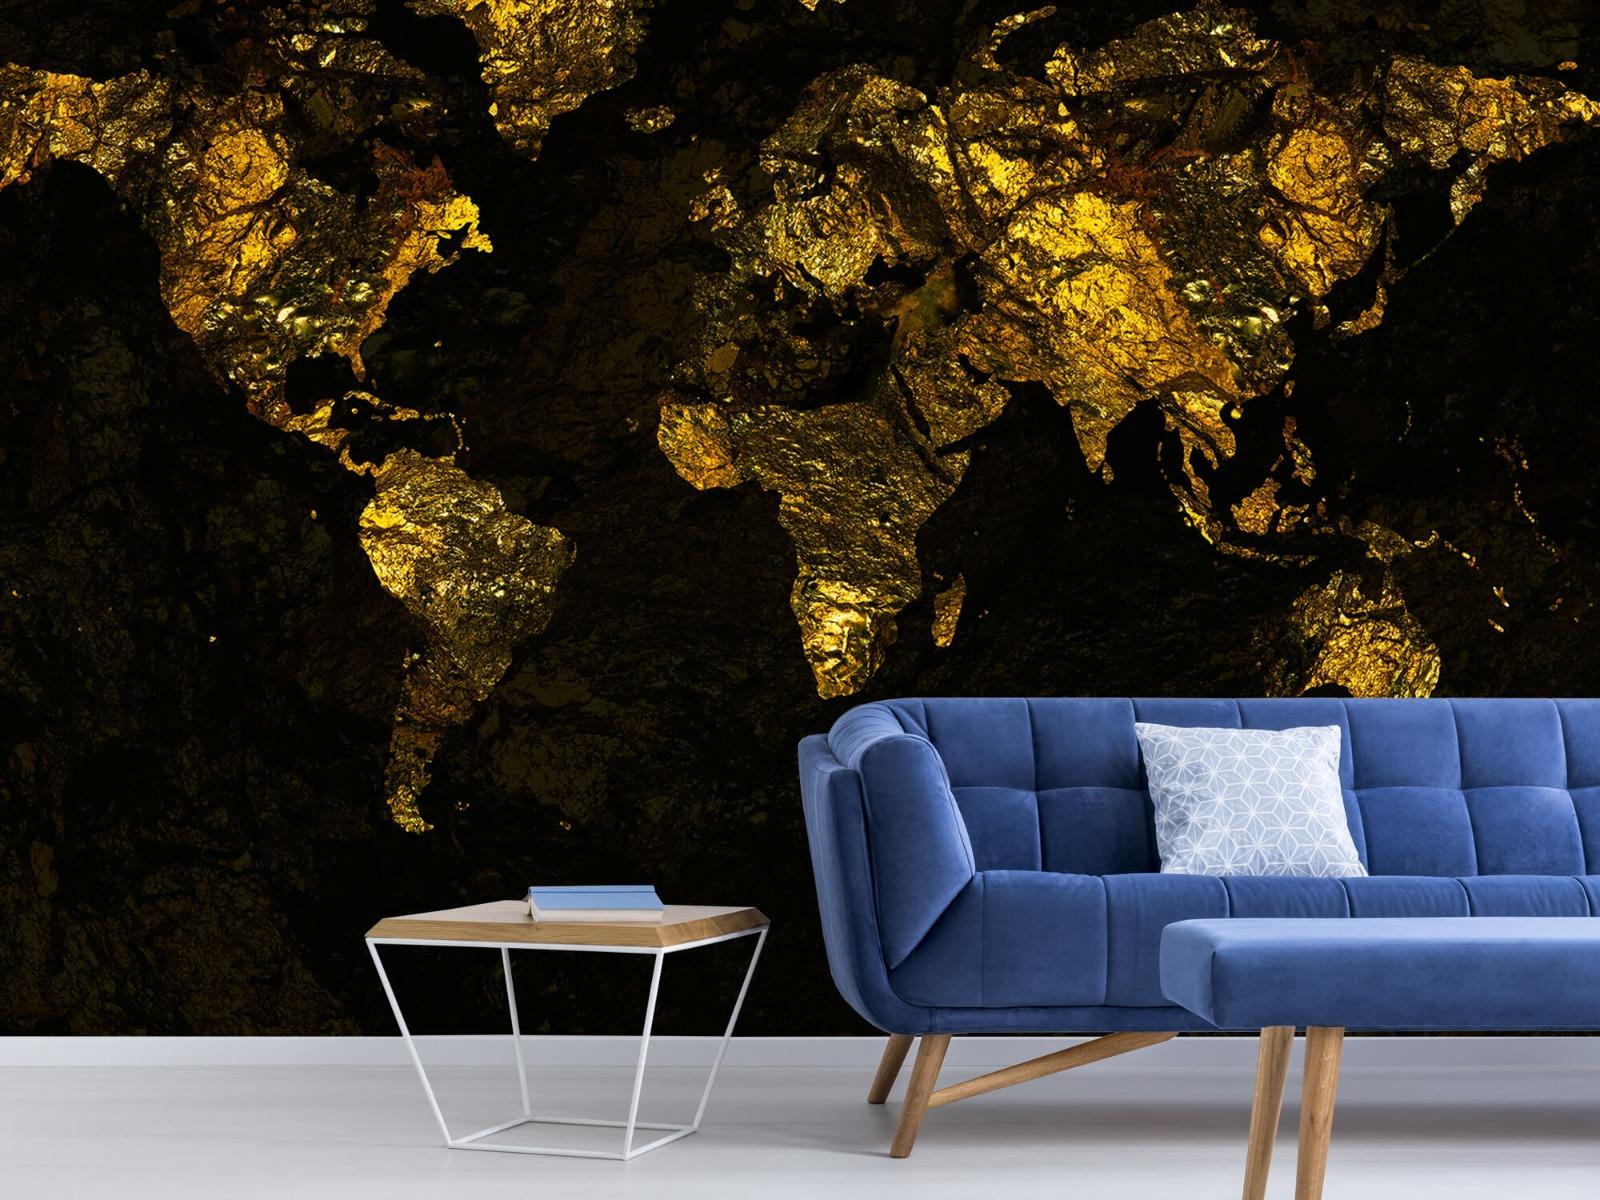 Steen behang - Wereldkaart goud - Directie 5